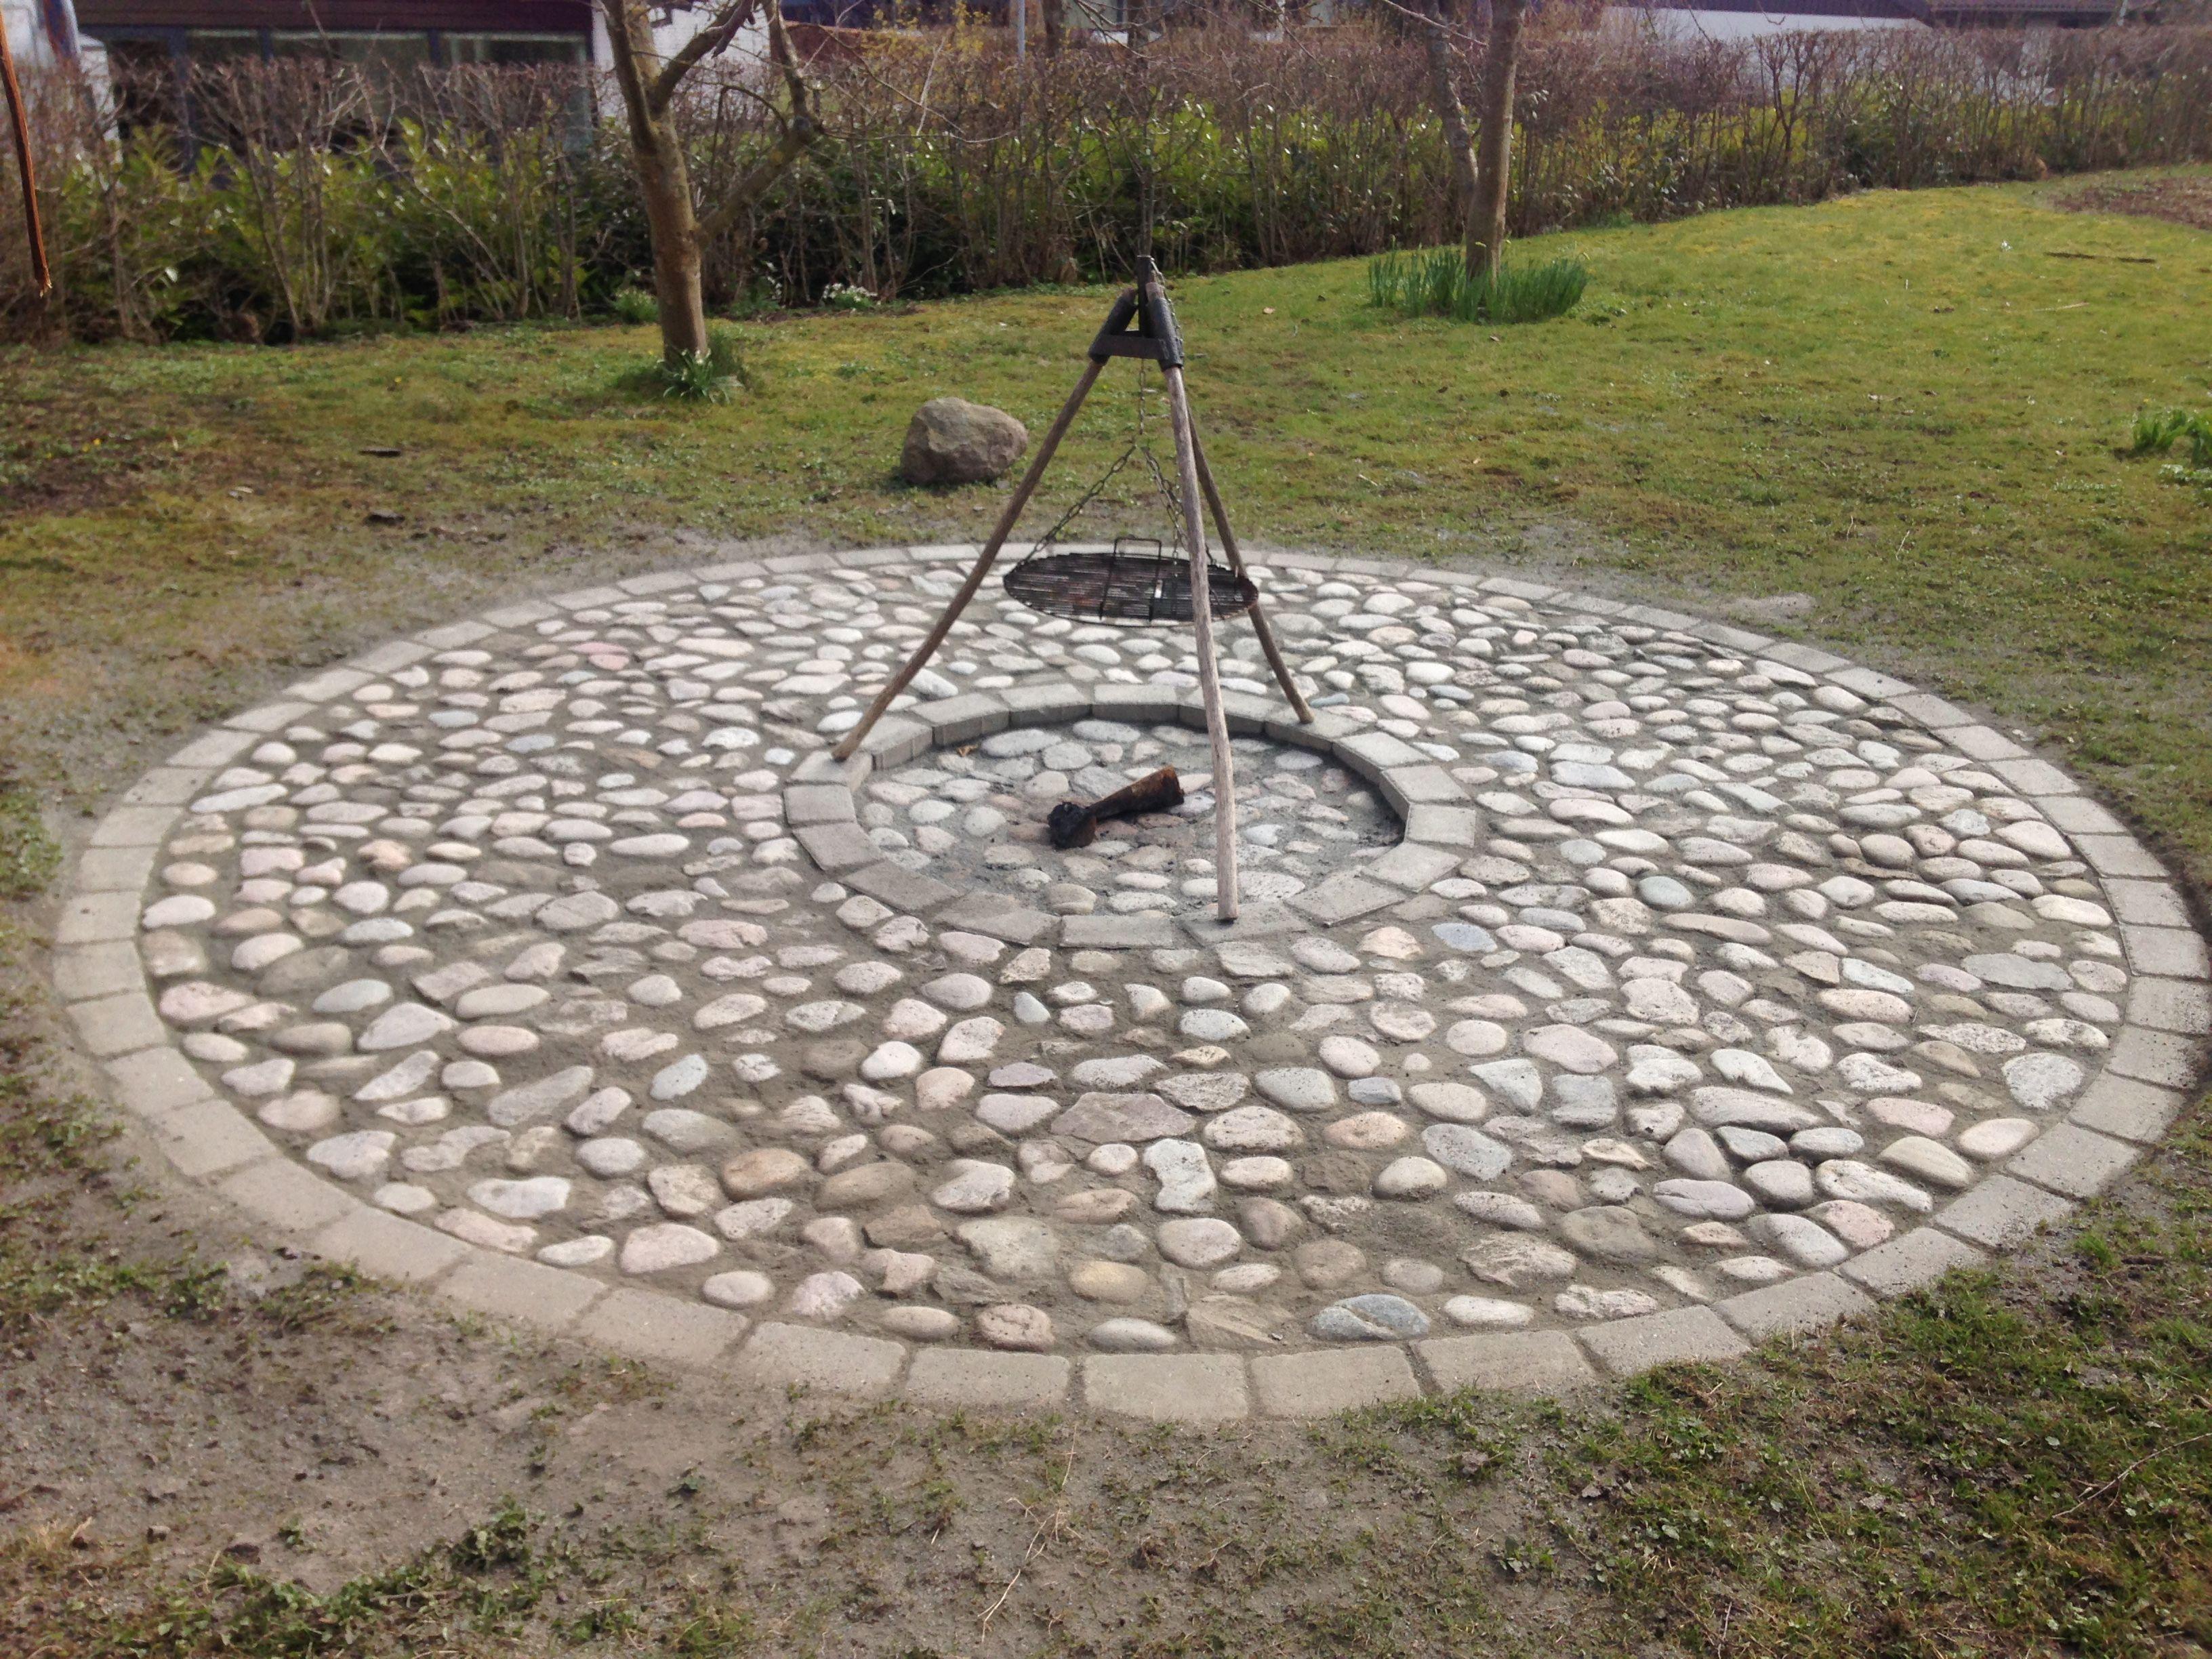 Seriøst Bålsted i pigsten - Villa Thurø | Firepit i 2019 | Fireplace KM34